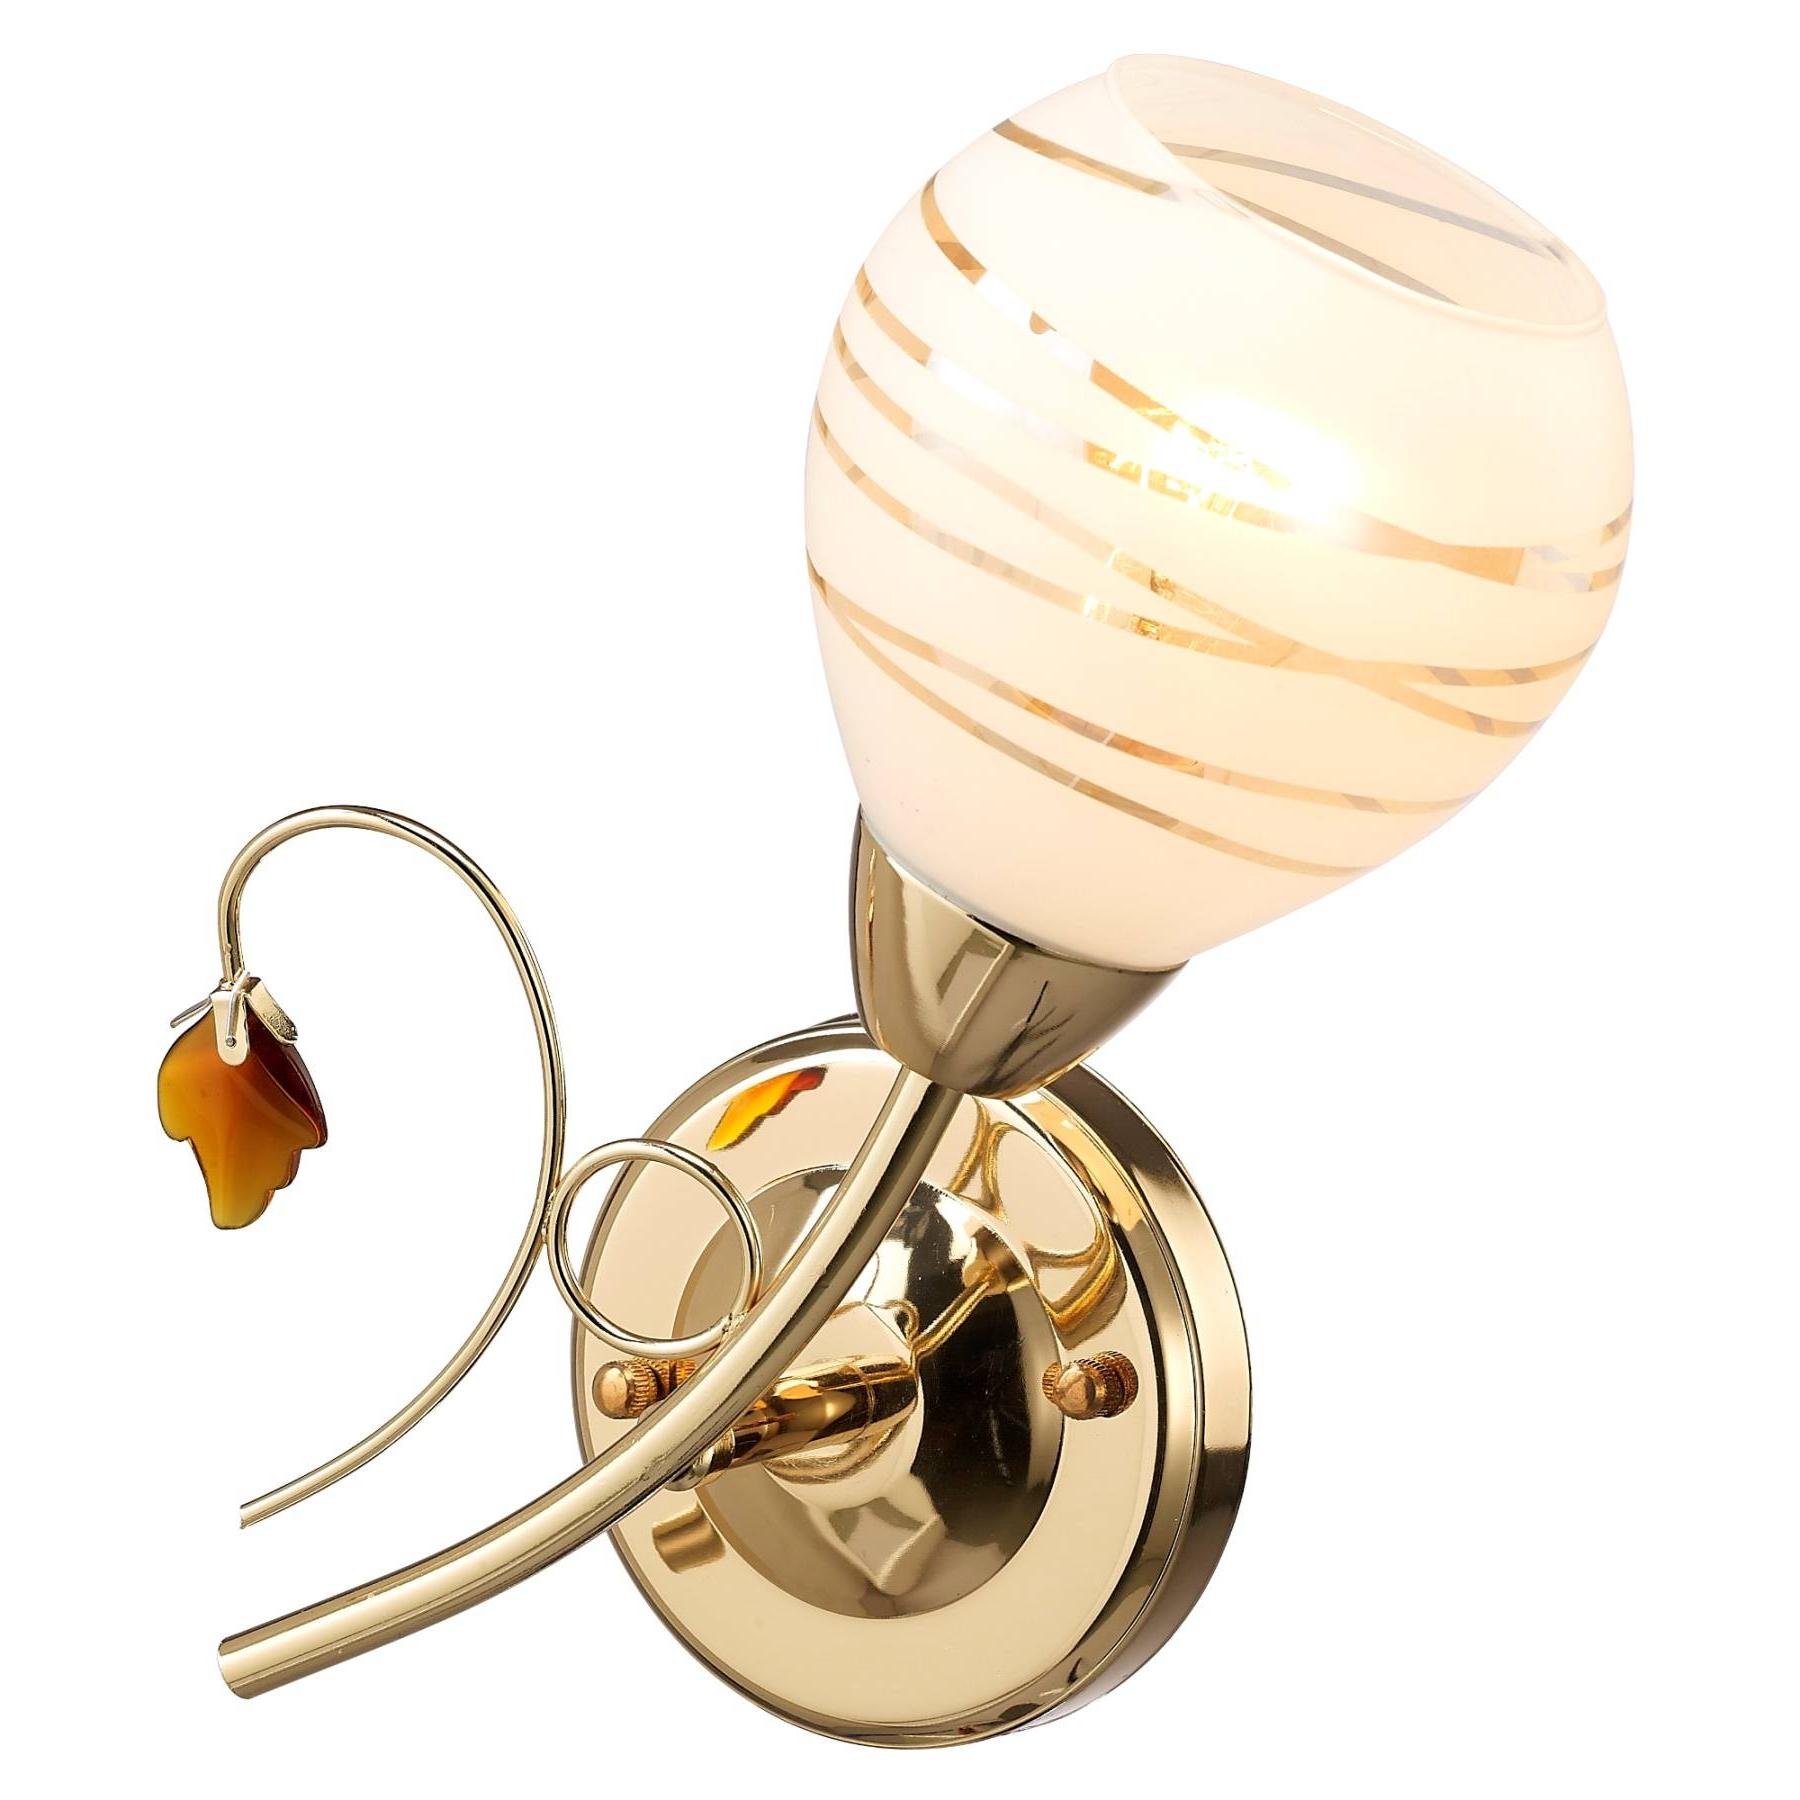 Светильник настенный Escada 009/1a настенный светильник escada 121 1a e14х40w antique green